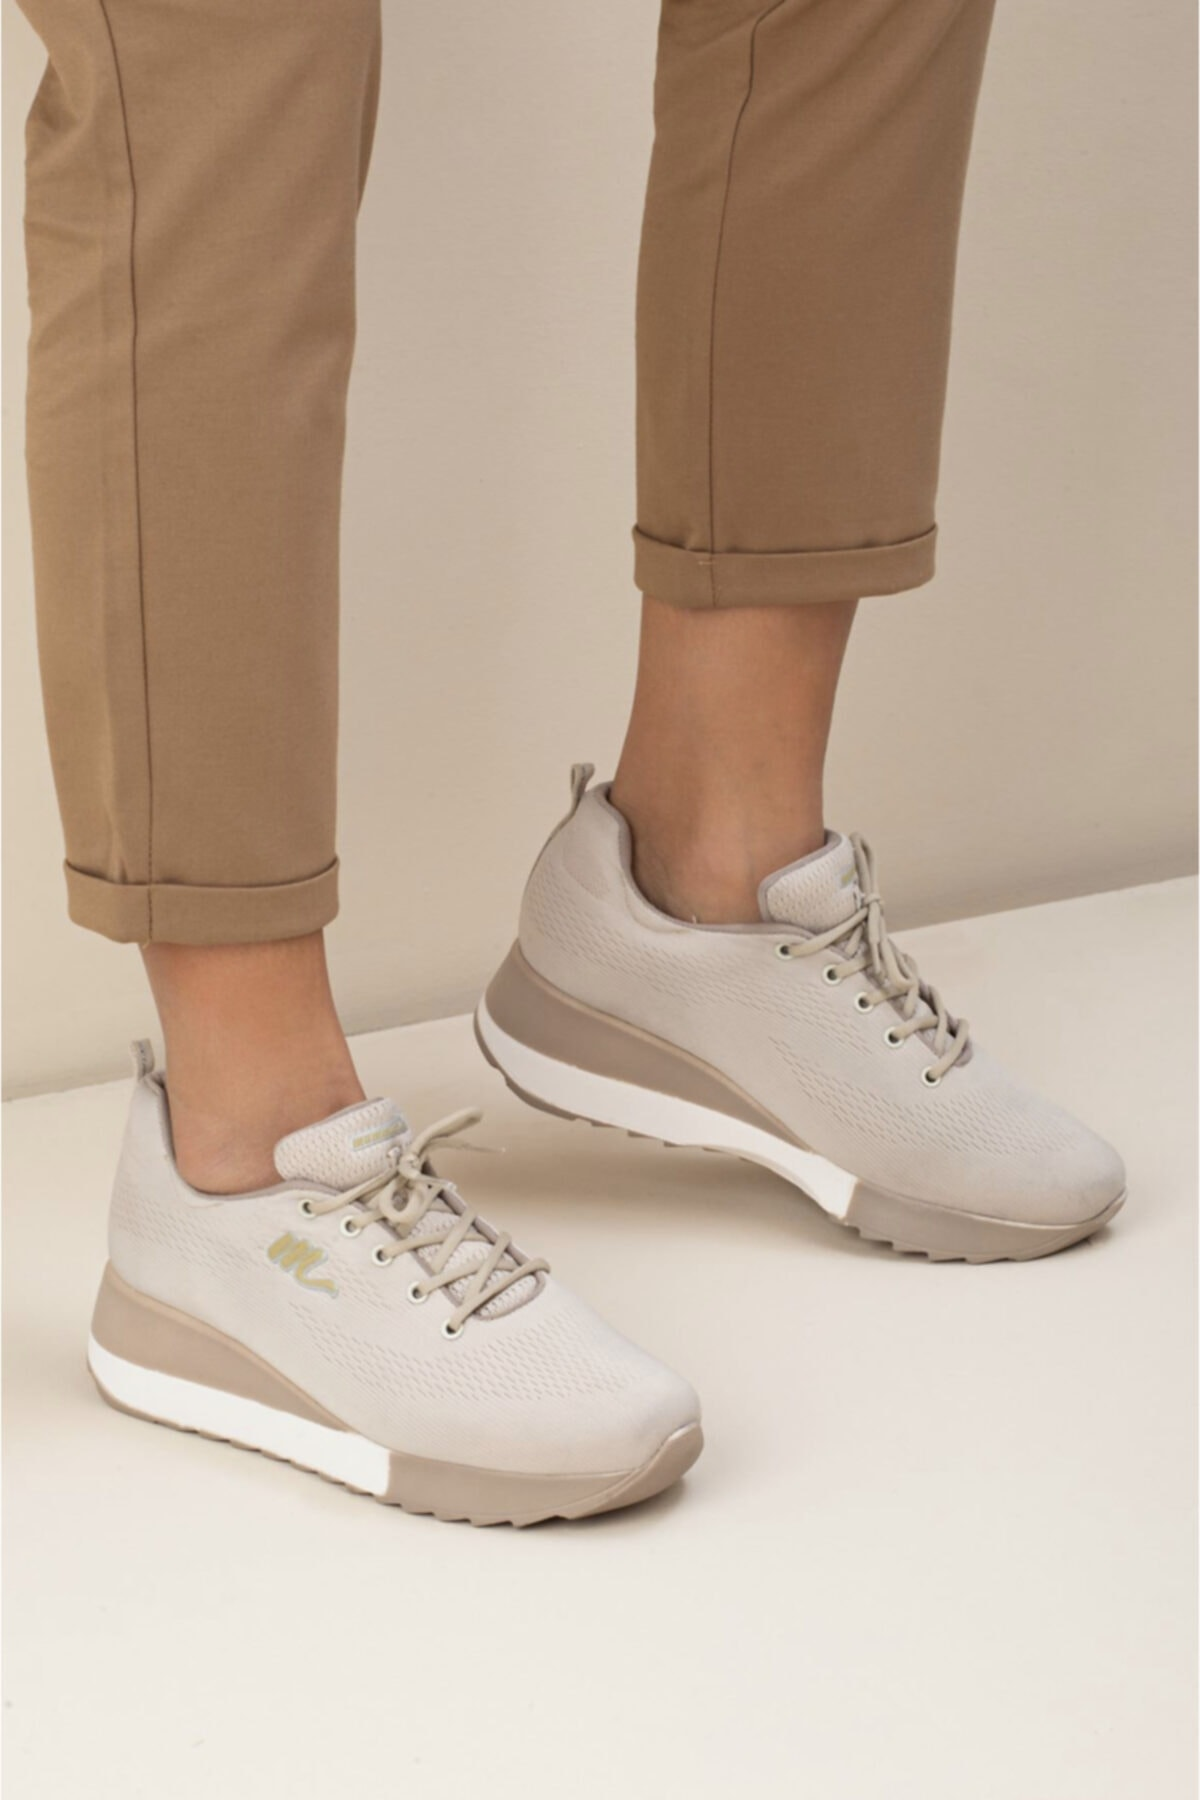 Mammamıa 825 Dolgu Kadın Ayakkabı 0421825